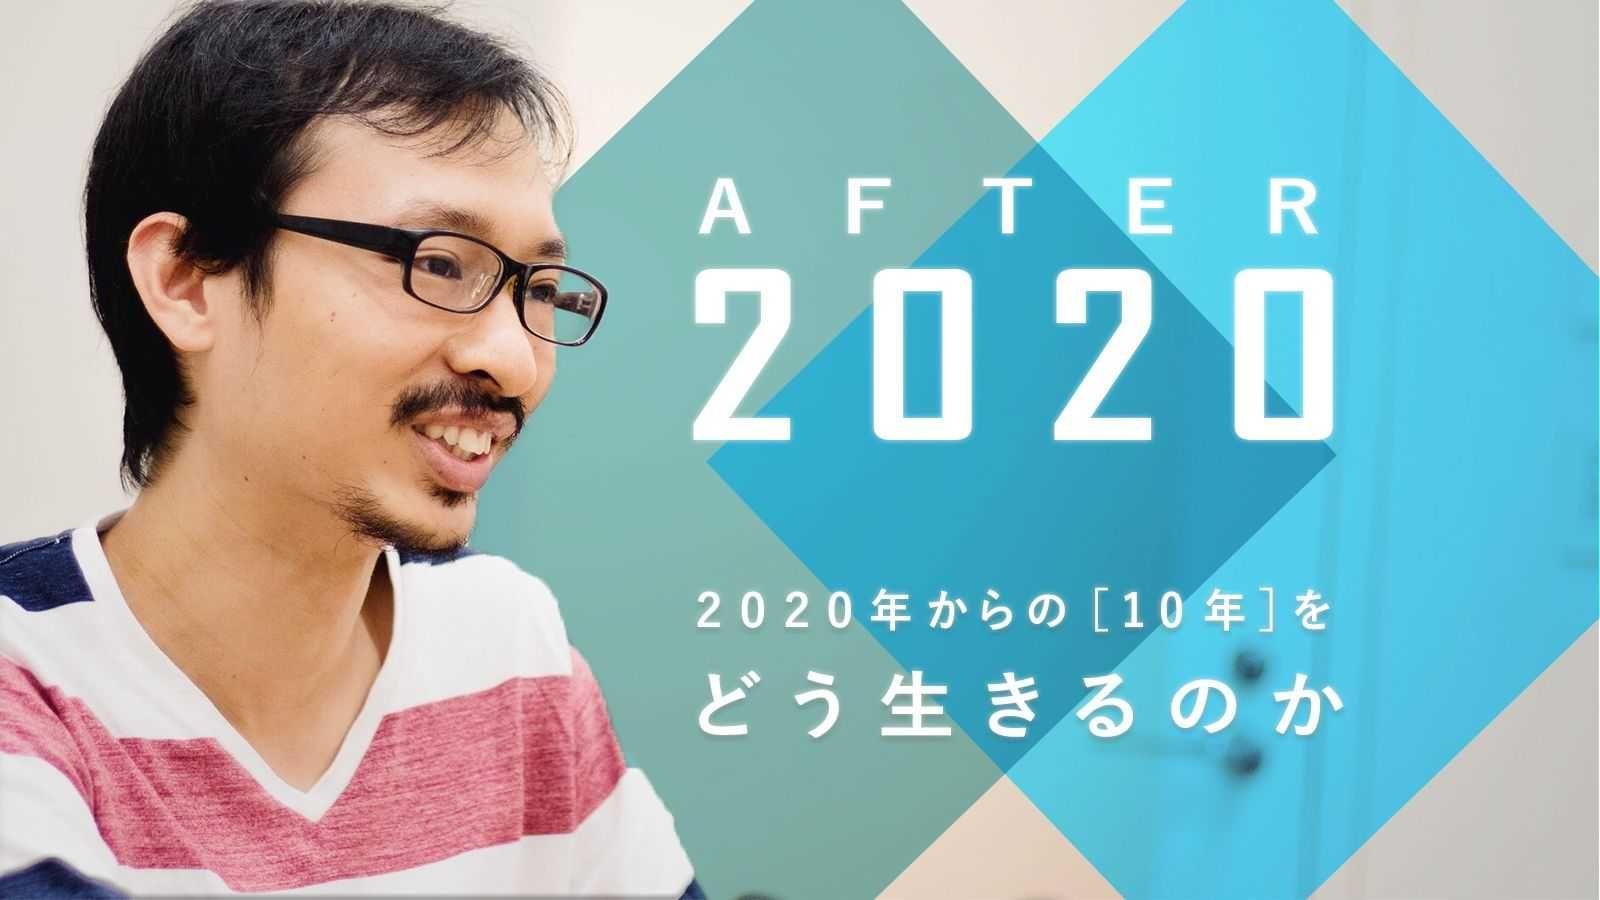 VC 前田ヒロが語る、SaaSが日本を救う日。2020年からのビジネスは「美しく、素直になる」